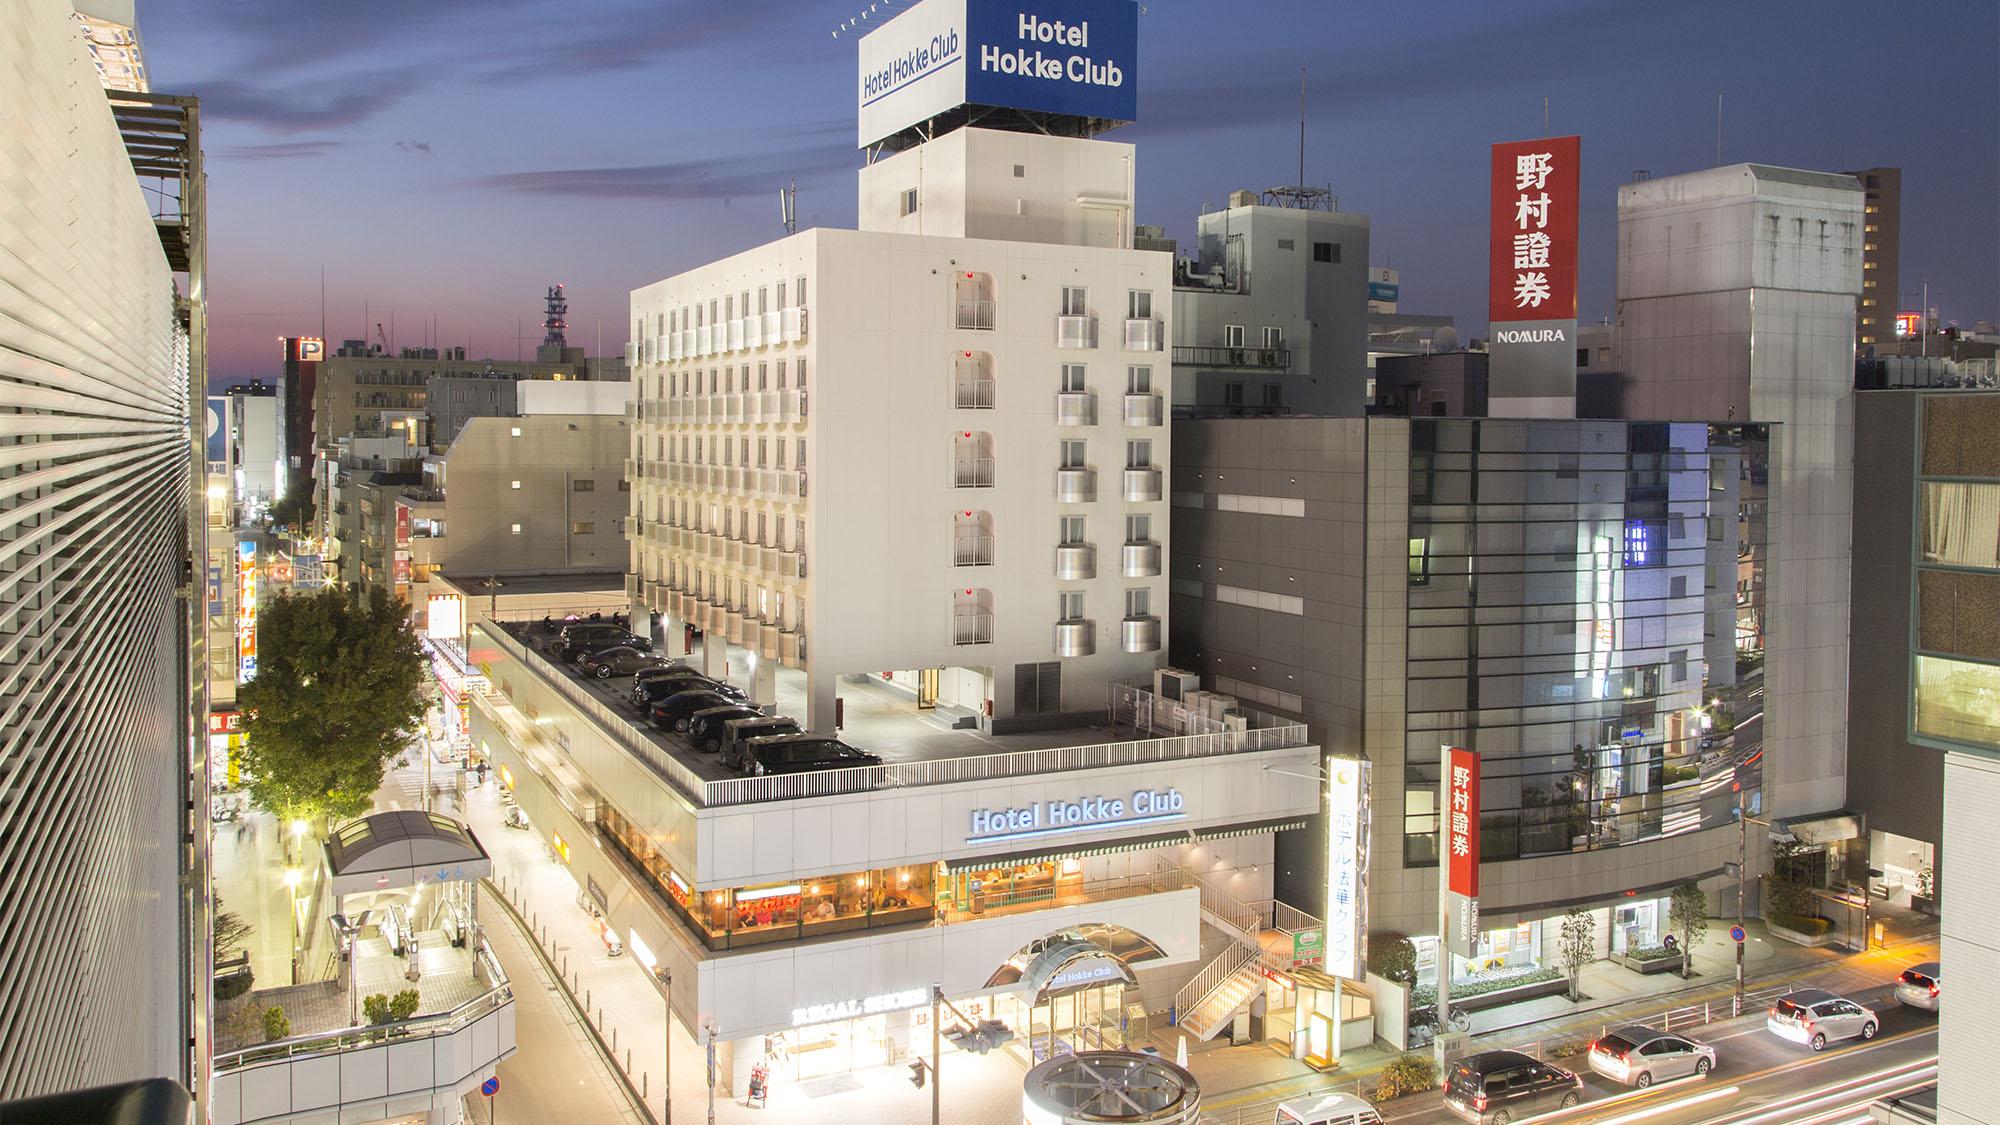 ホテル法華クラブ湘南藤沢の施設画像